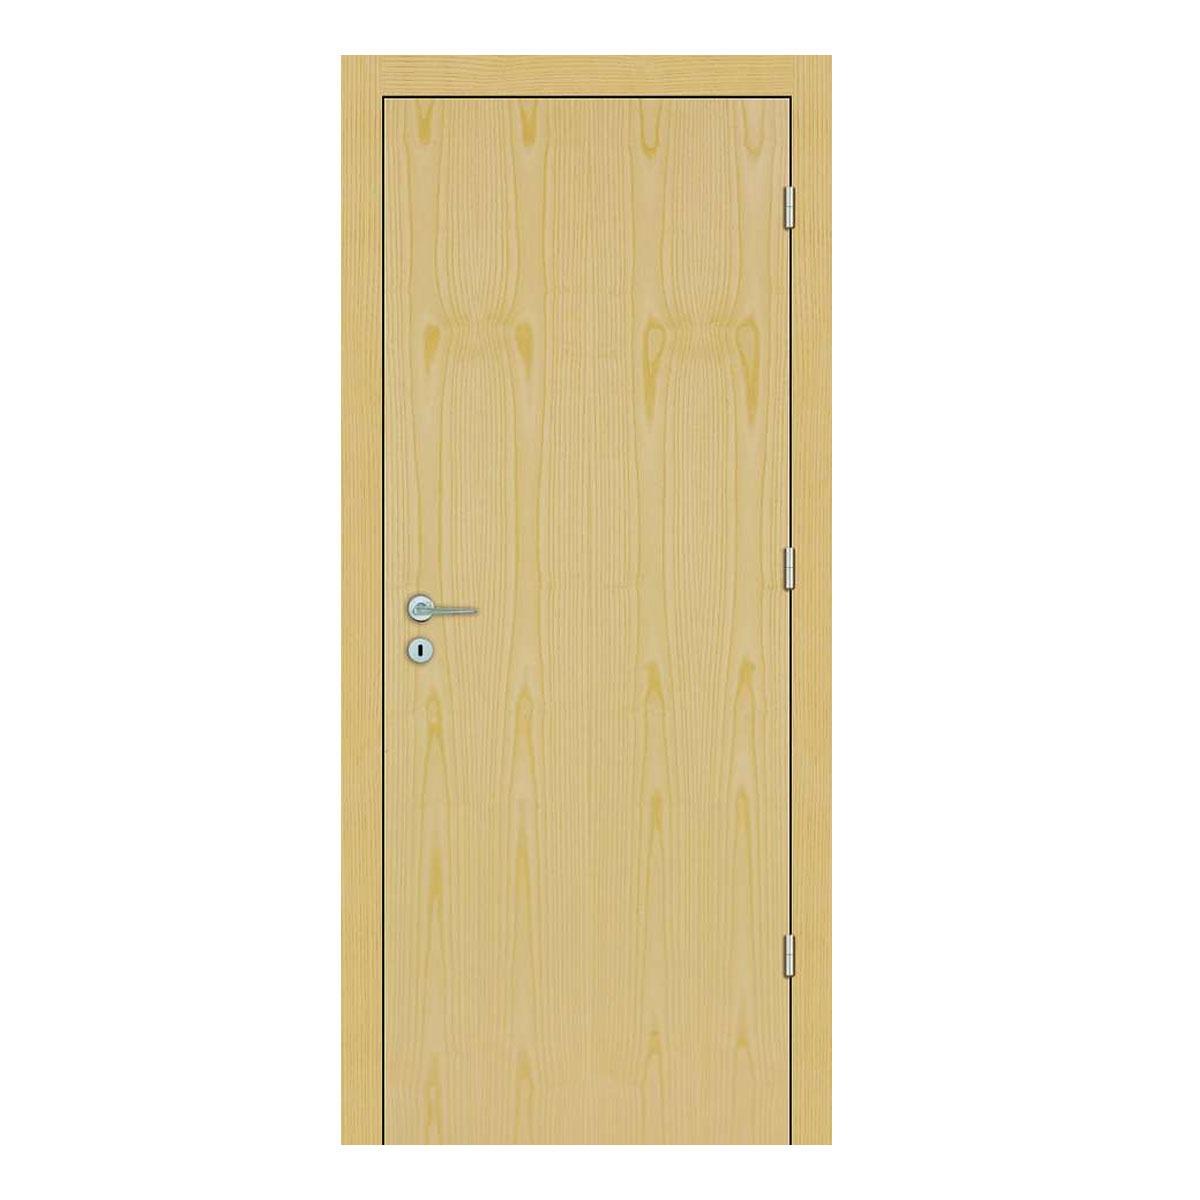 Ash Single Door